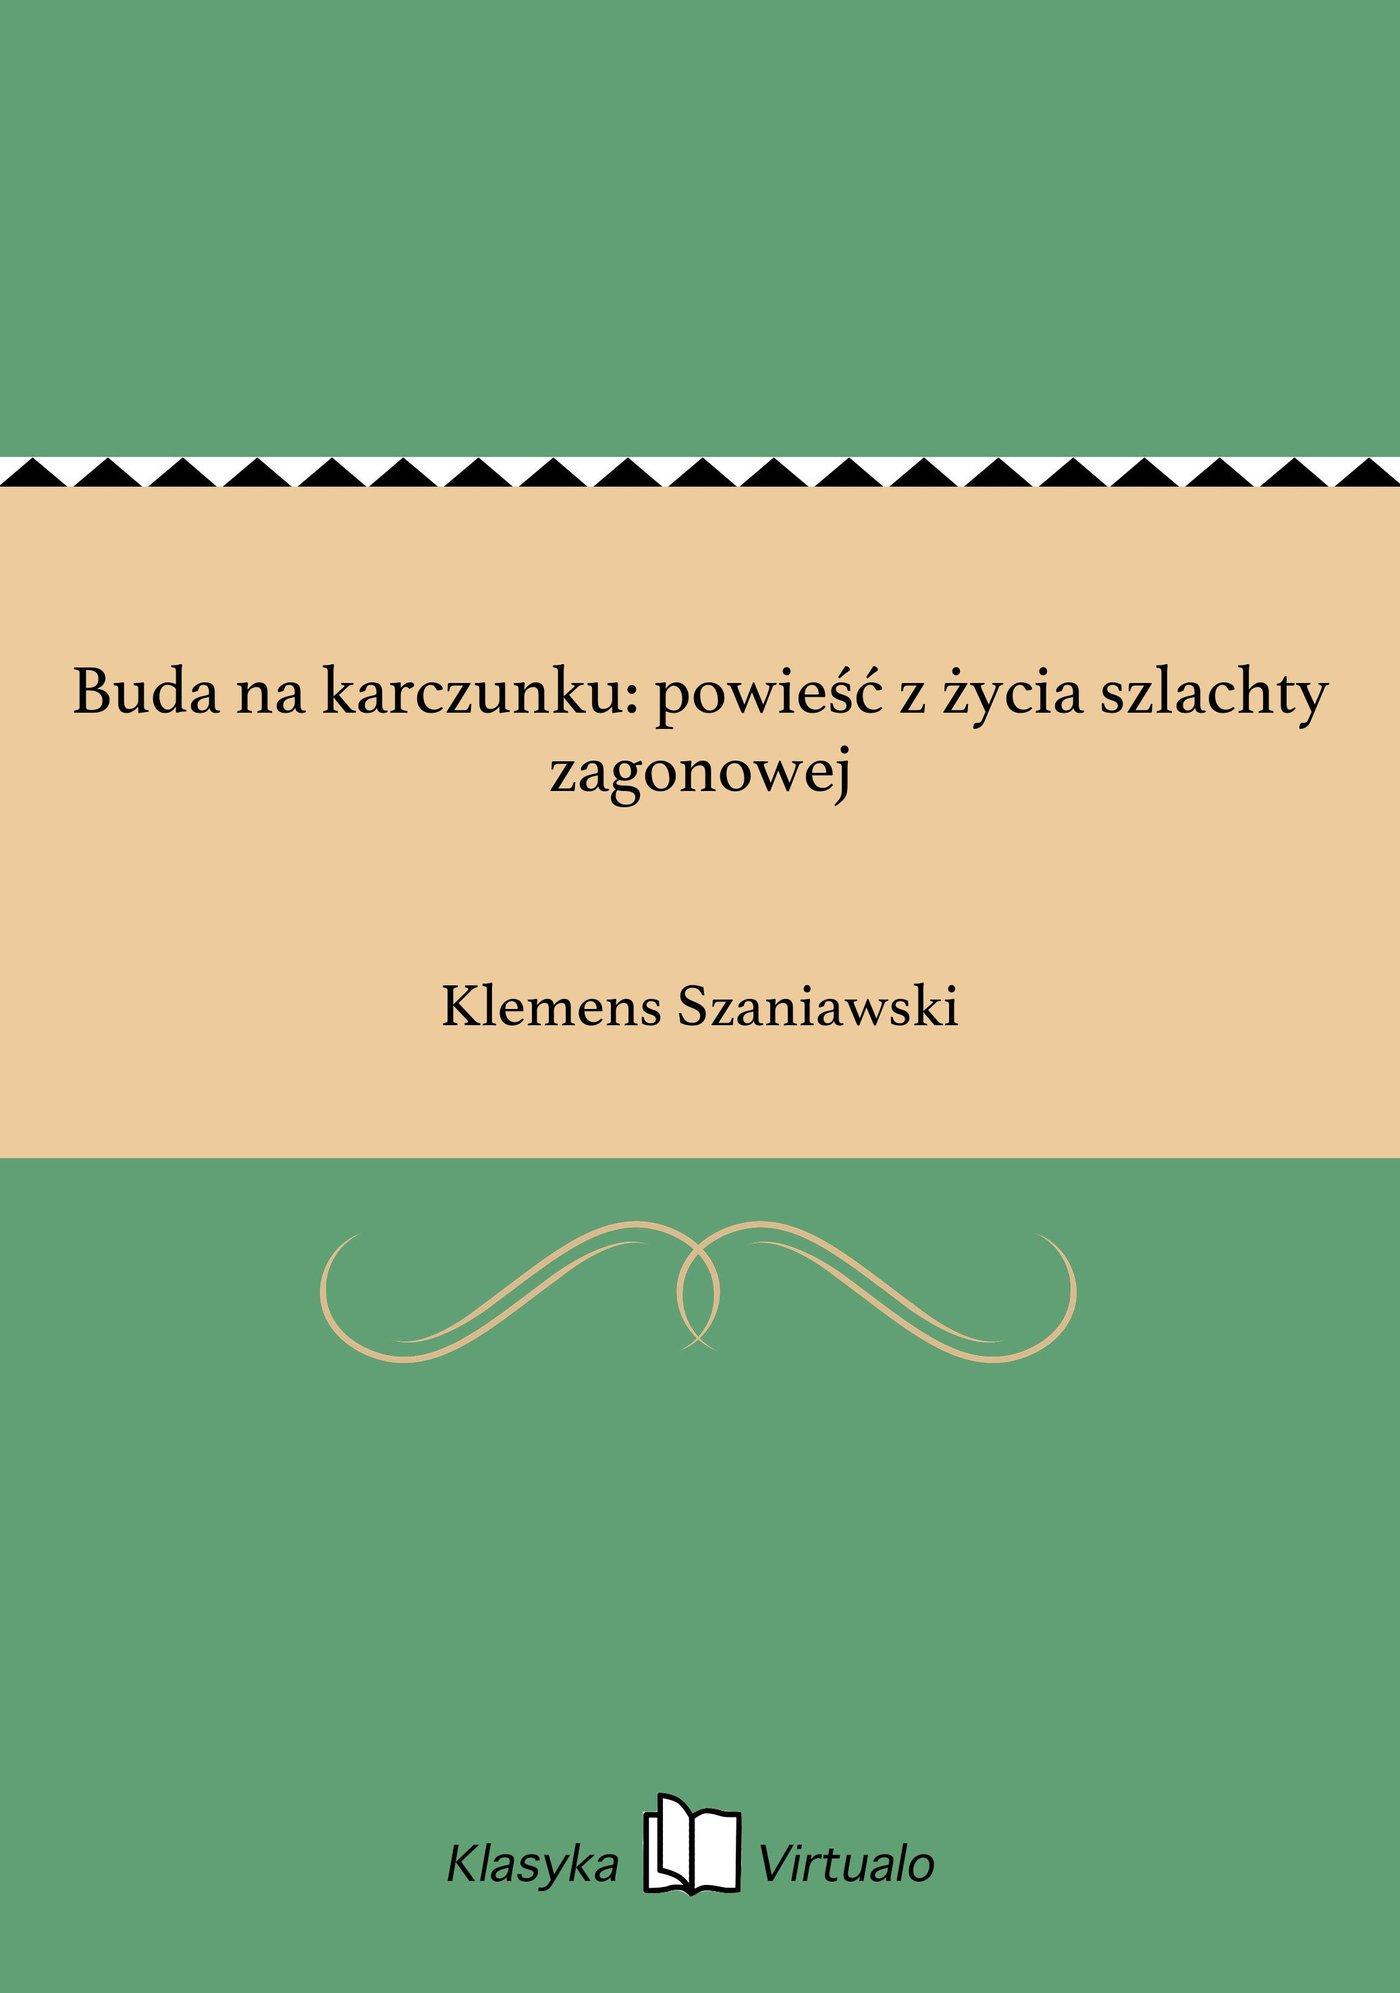 Buda na karczunku: powieść z życia szlachty zagonowej - Ebook (Książka EPUB) do pobrania w formacie EPUB